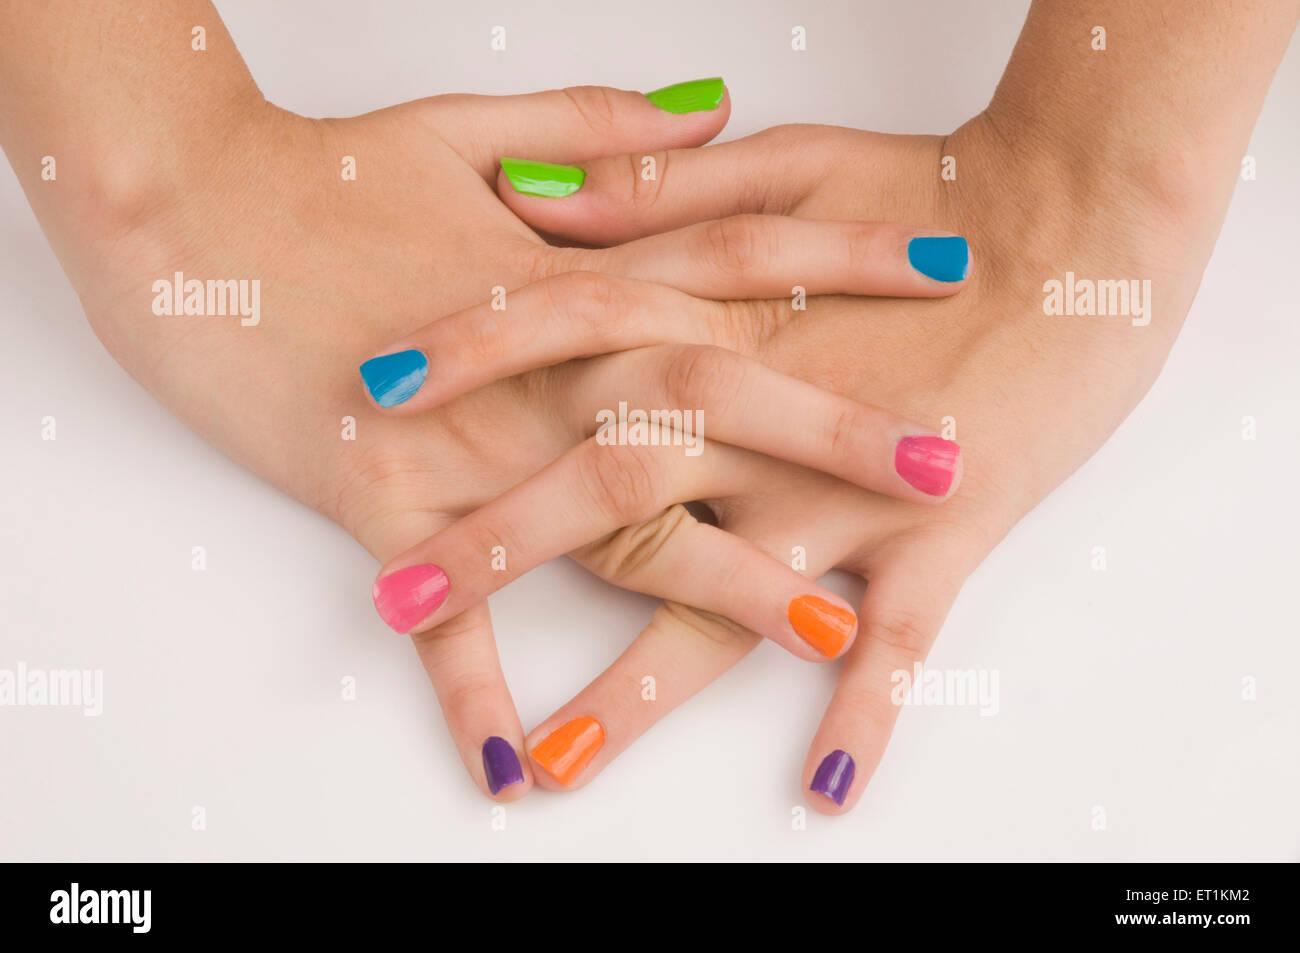 Crossed fingers of nail polish on nails Pune Maharashtra India Asia May 2011 - Stock Image